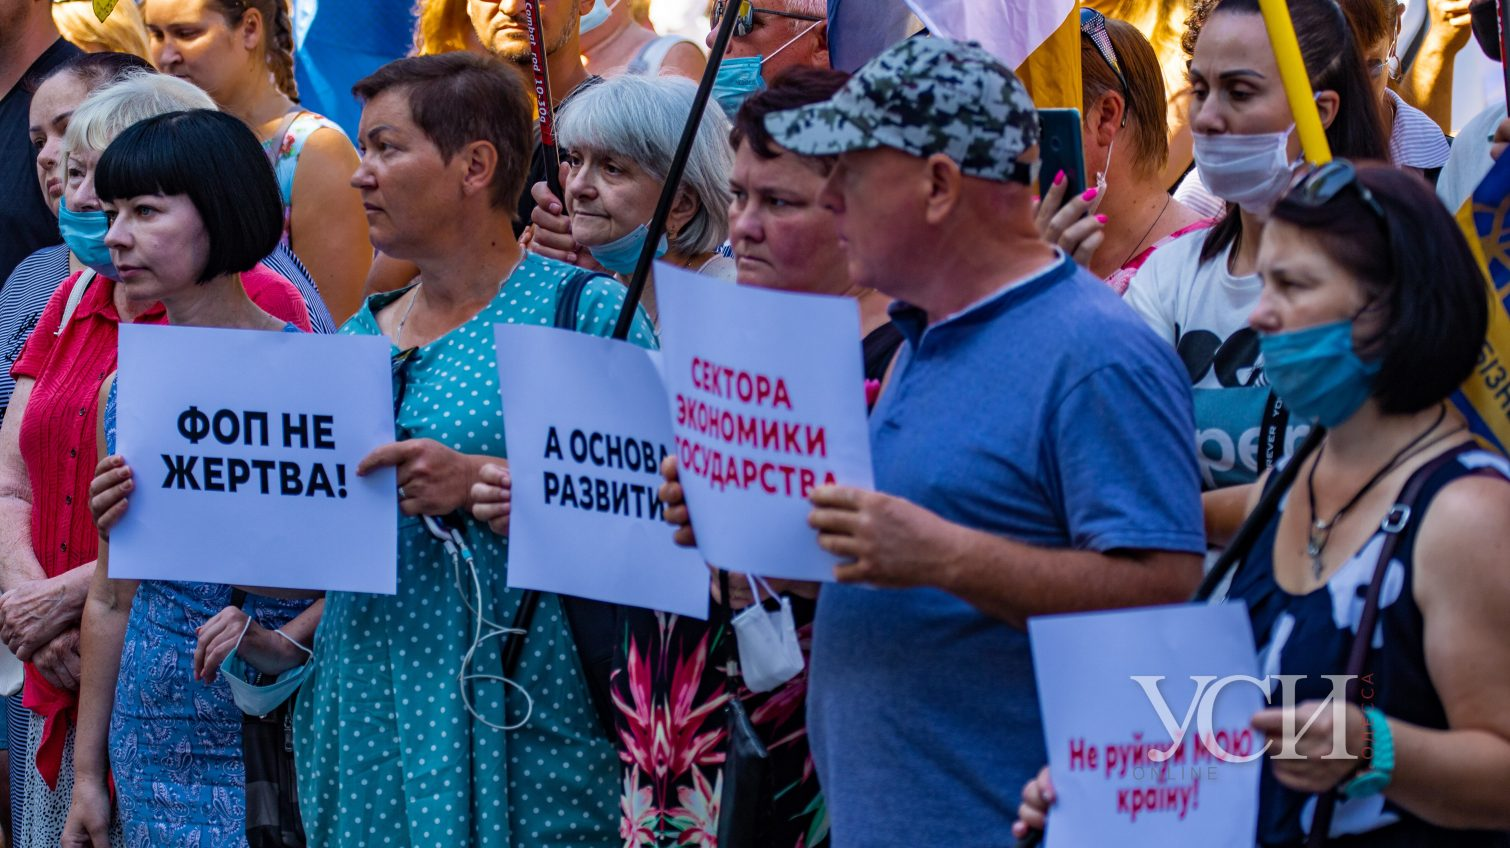 Под здание одесской мэрии предприниматели вышли на протест против кассовых аппаратов (фоторепортаж) «фото»